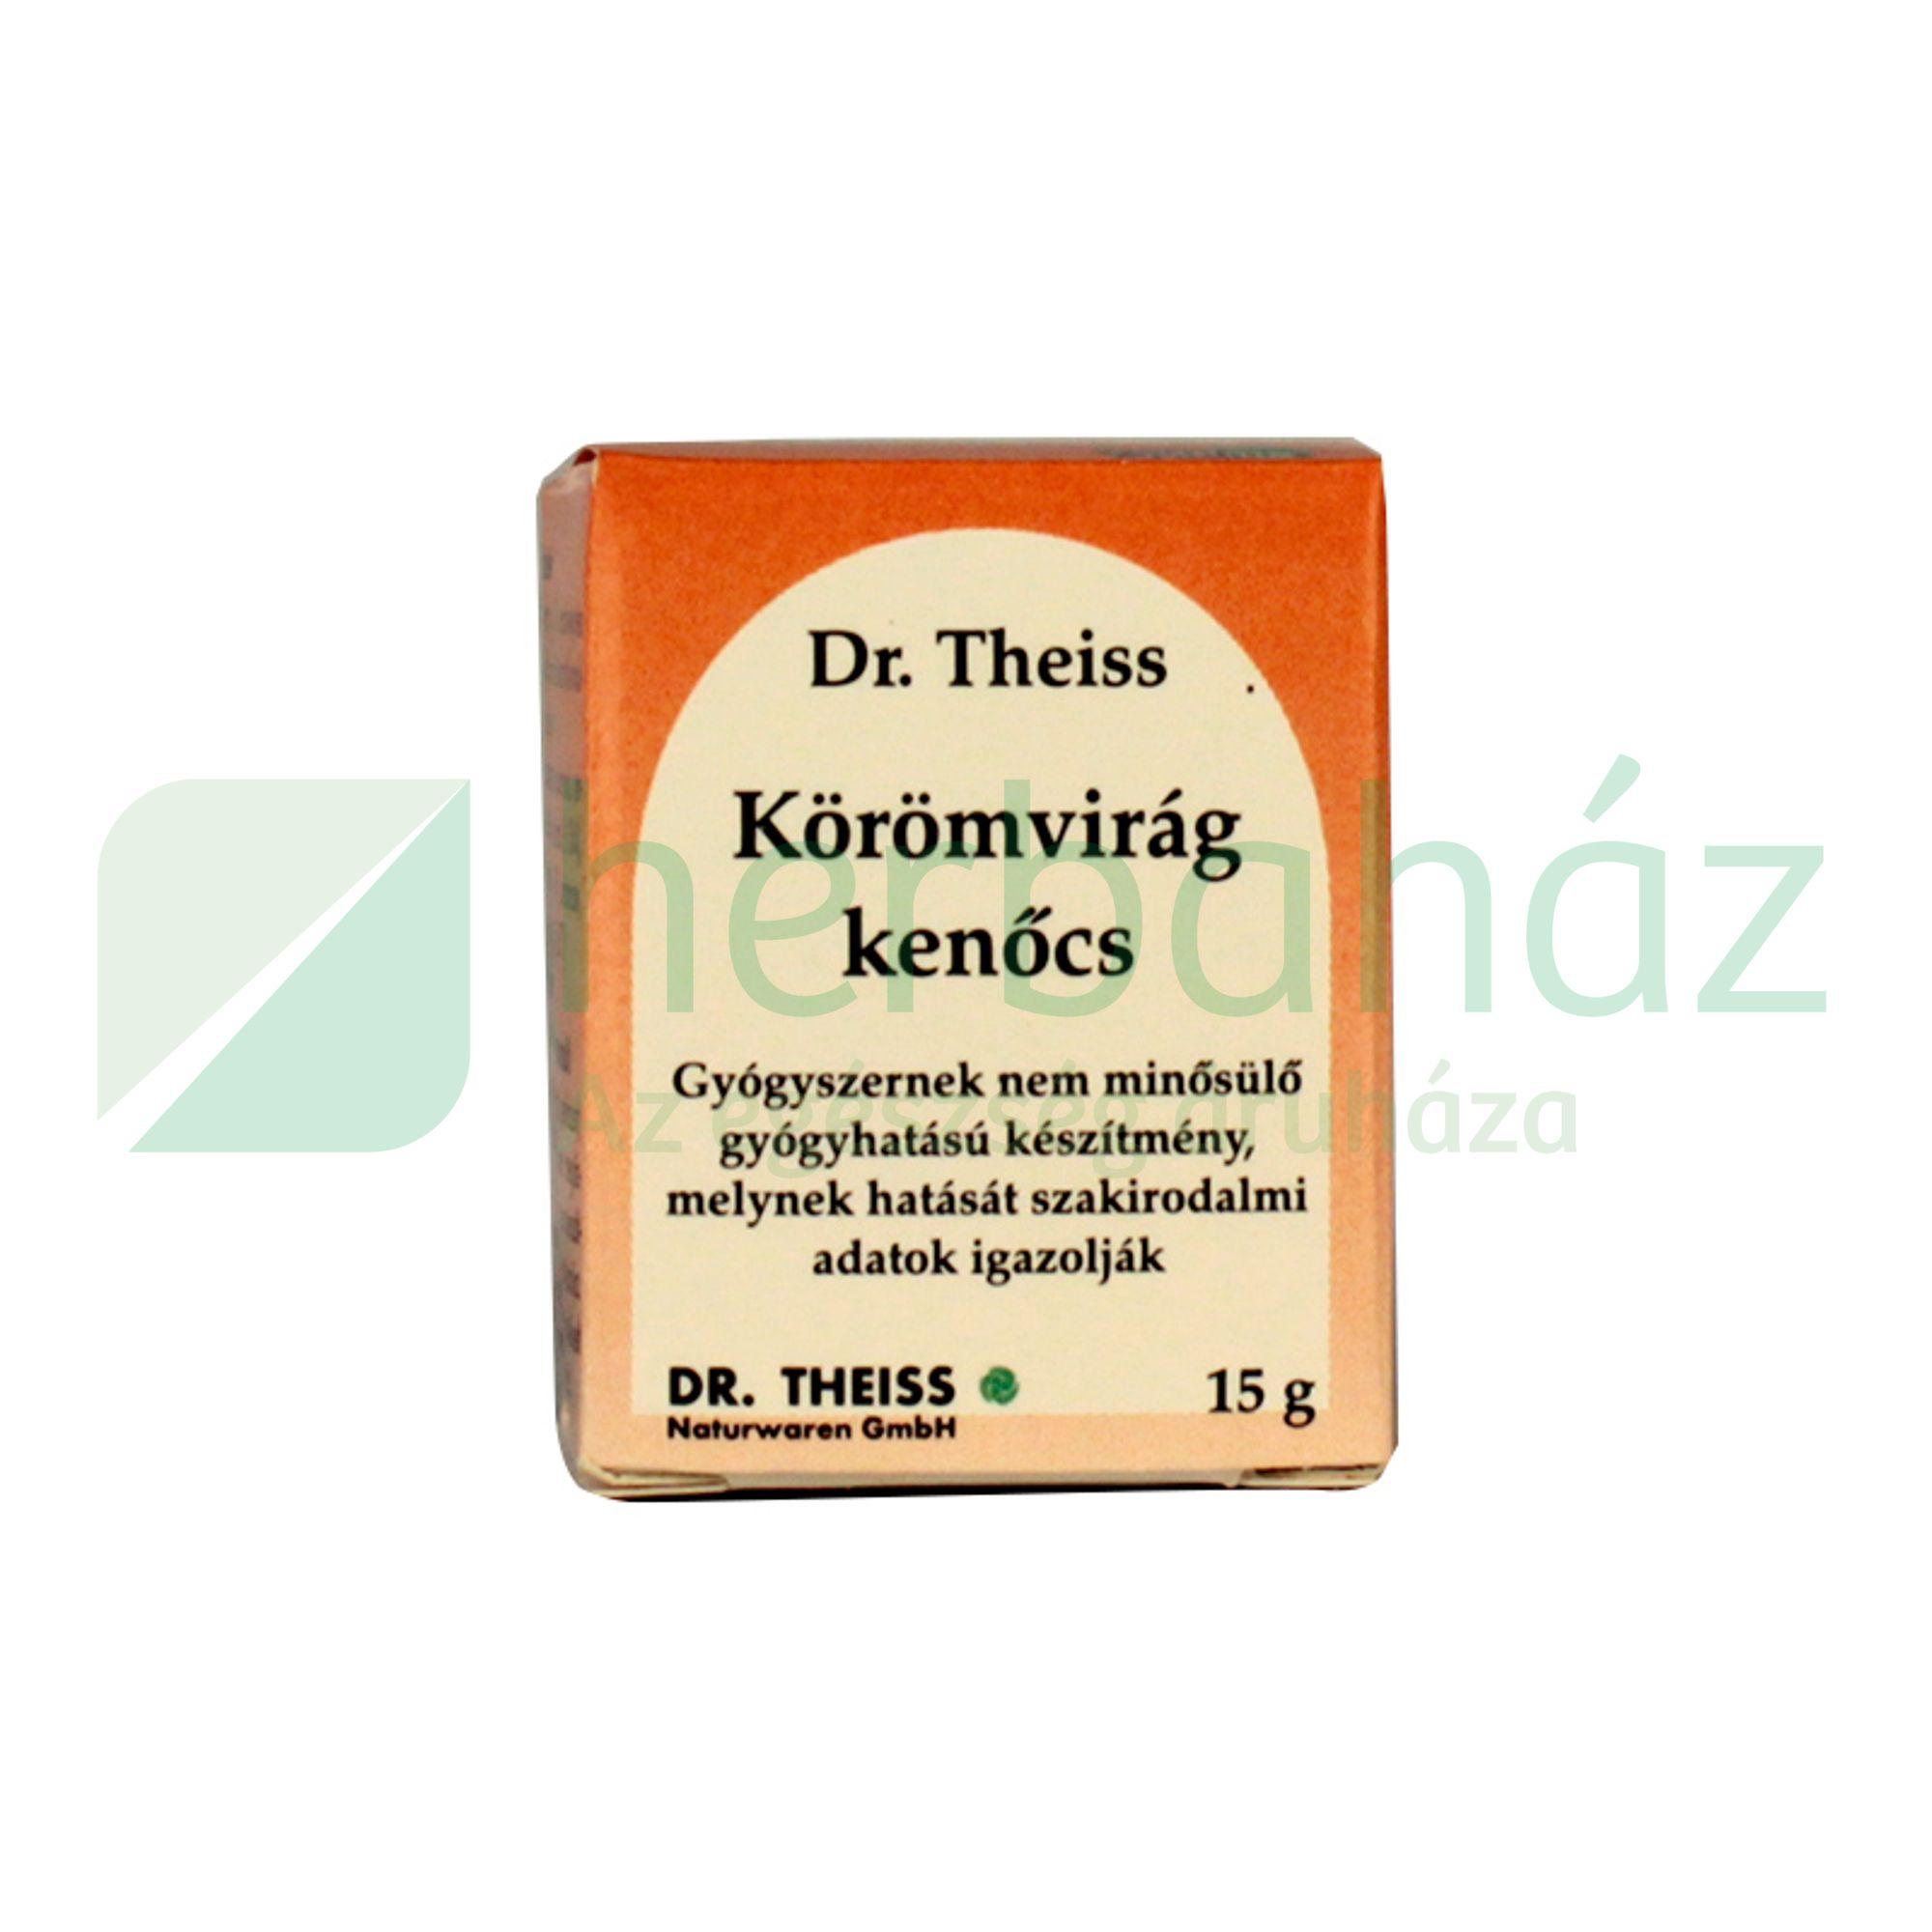 DR.THEISS KÖRÖMVIRÁG KENŐCS 15G